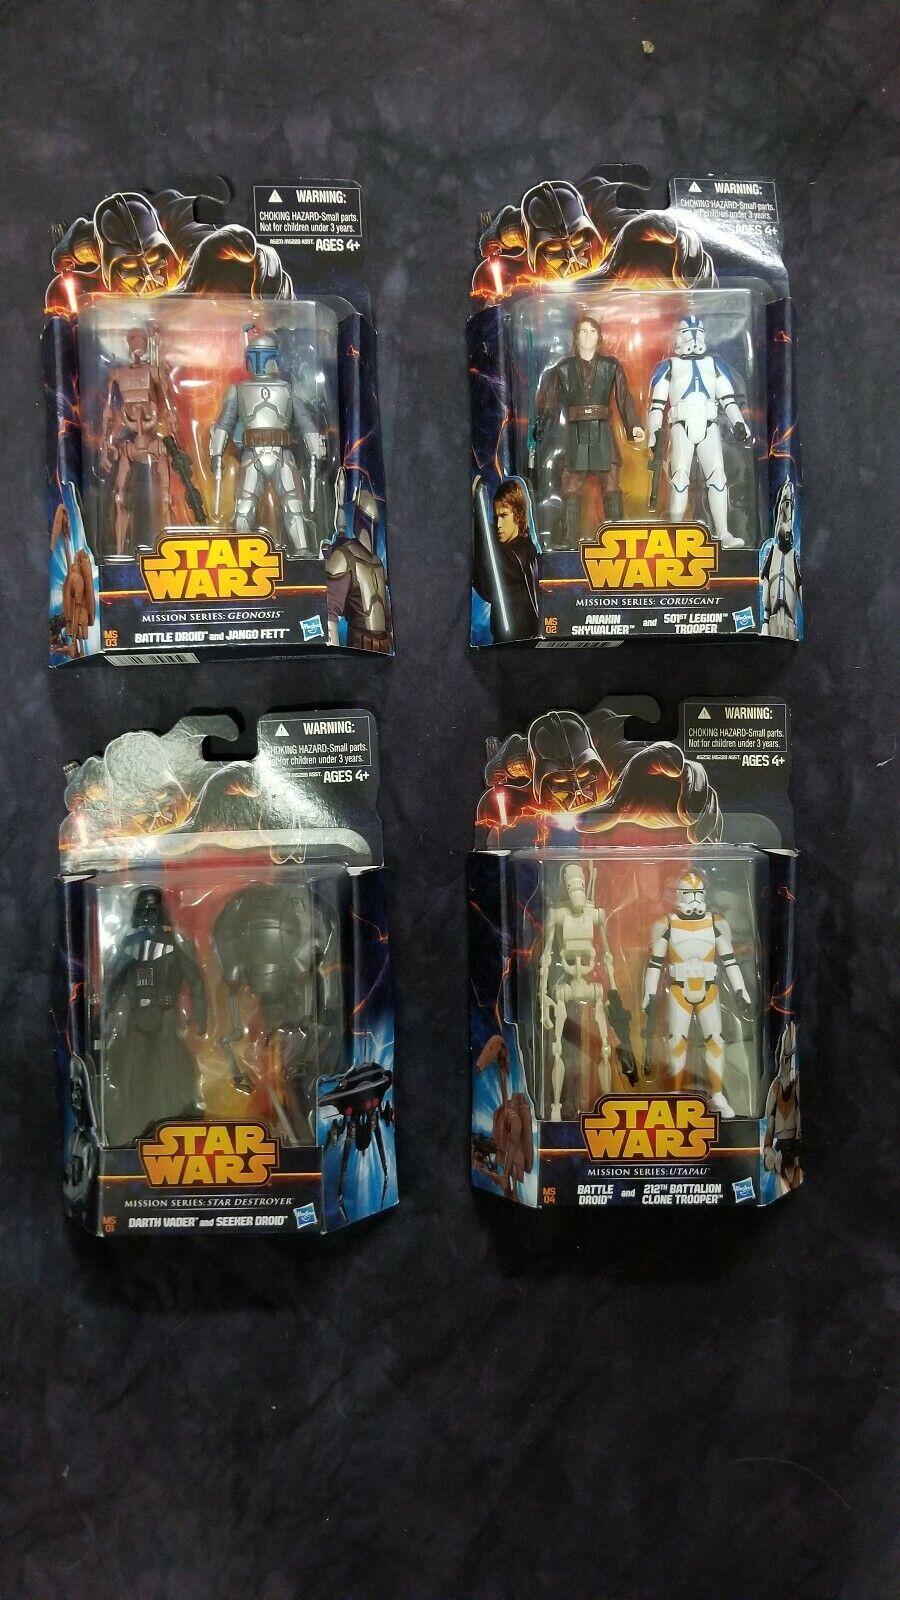 Hasbro Estrella Wars The Clone Wars misión Serie Completa conjunto sin abrir Collection